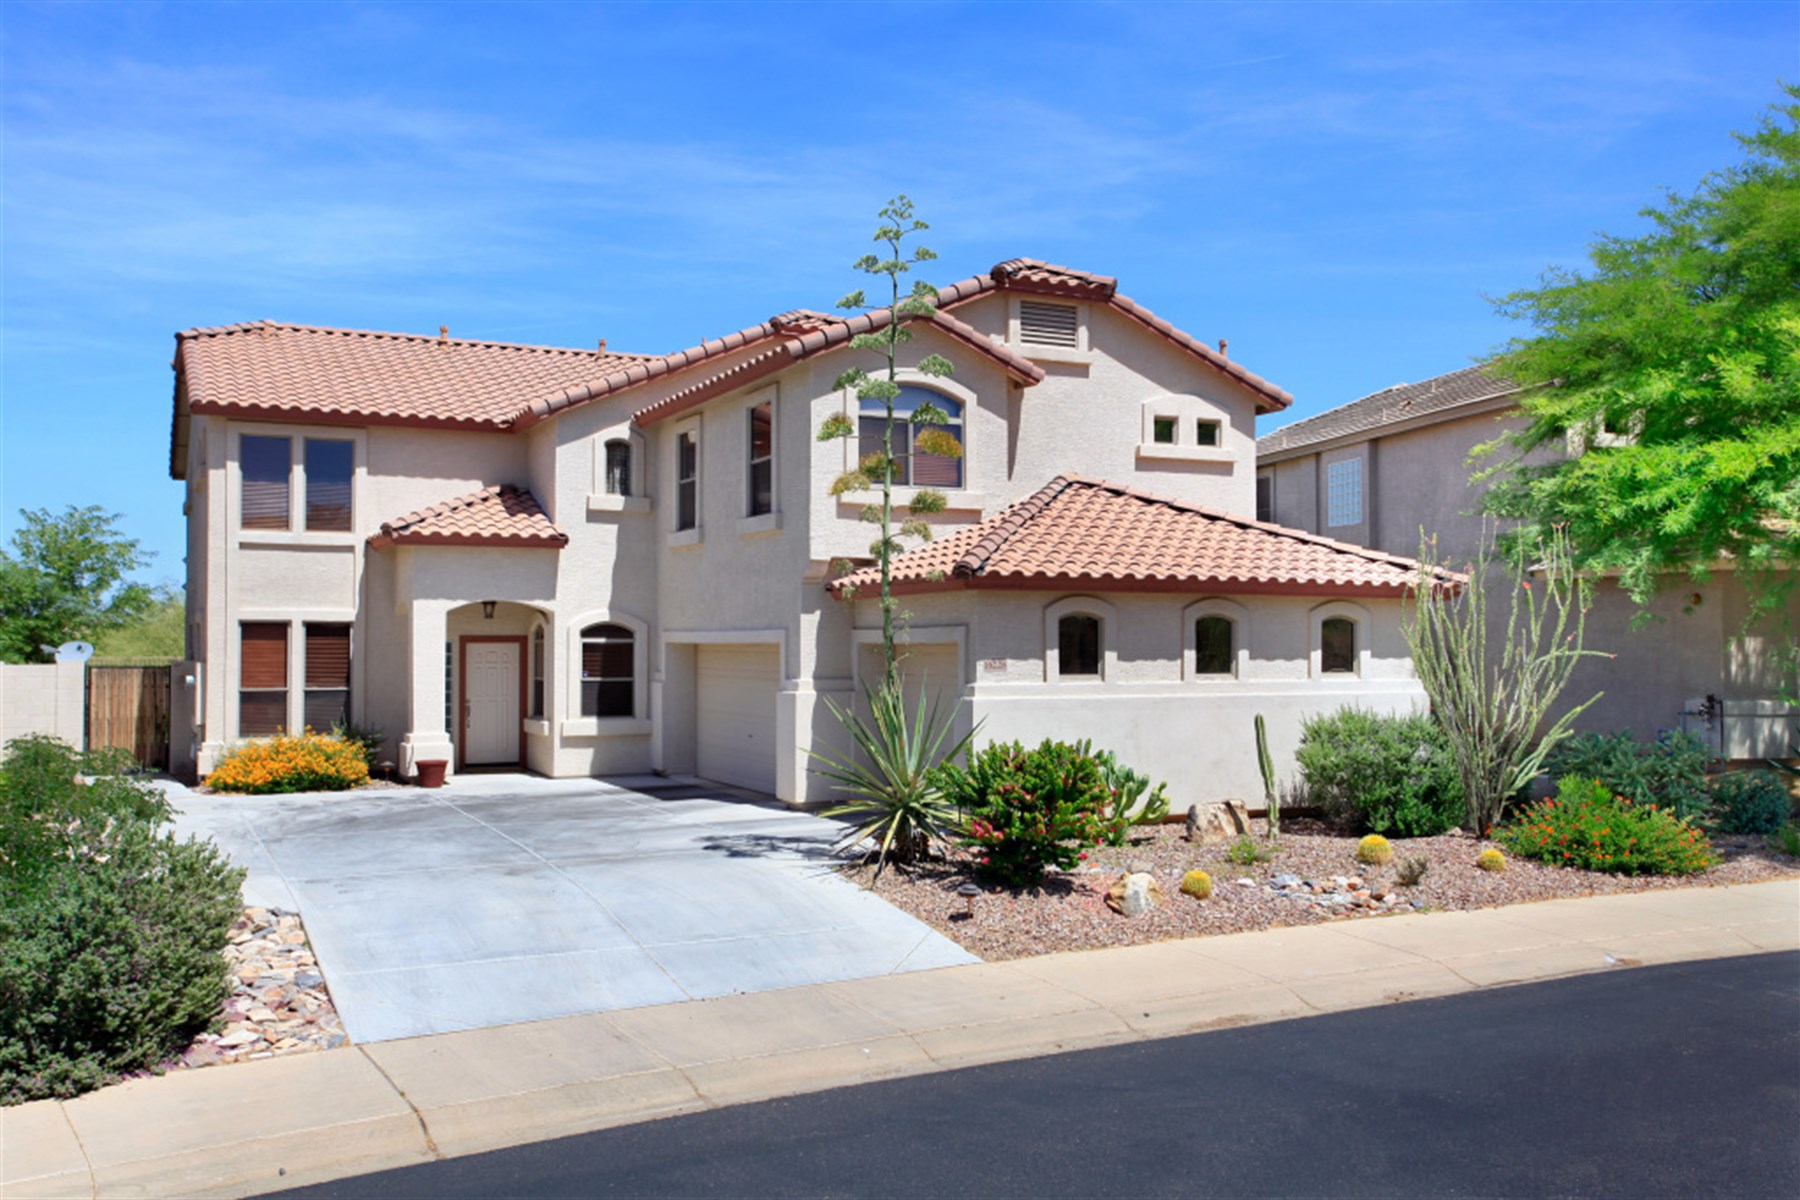 Casa para uma família para Venda às Gorgeous family and entertaining home. 16228 N 99TH PL Scottsdale, Arizona 85260 Estados Unidos